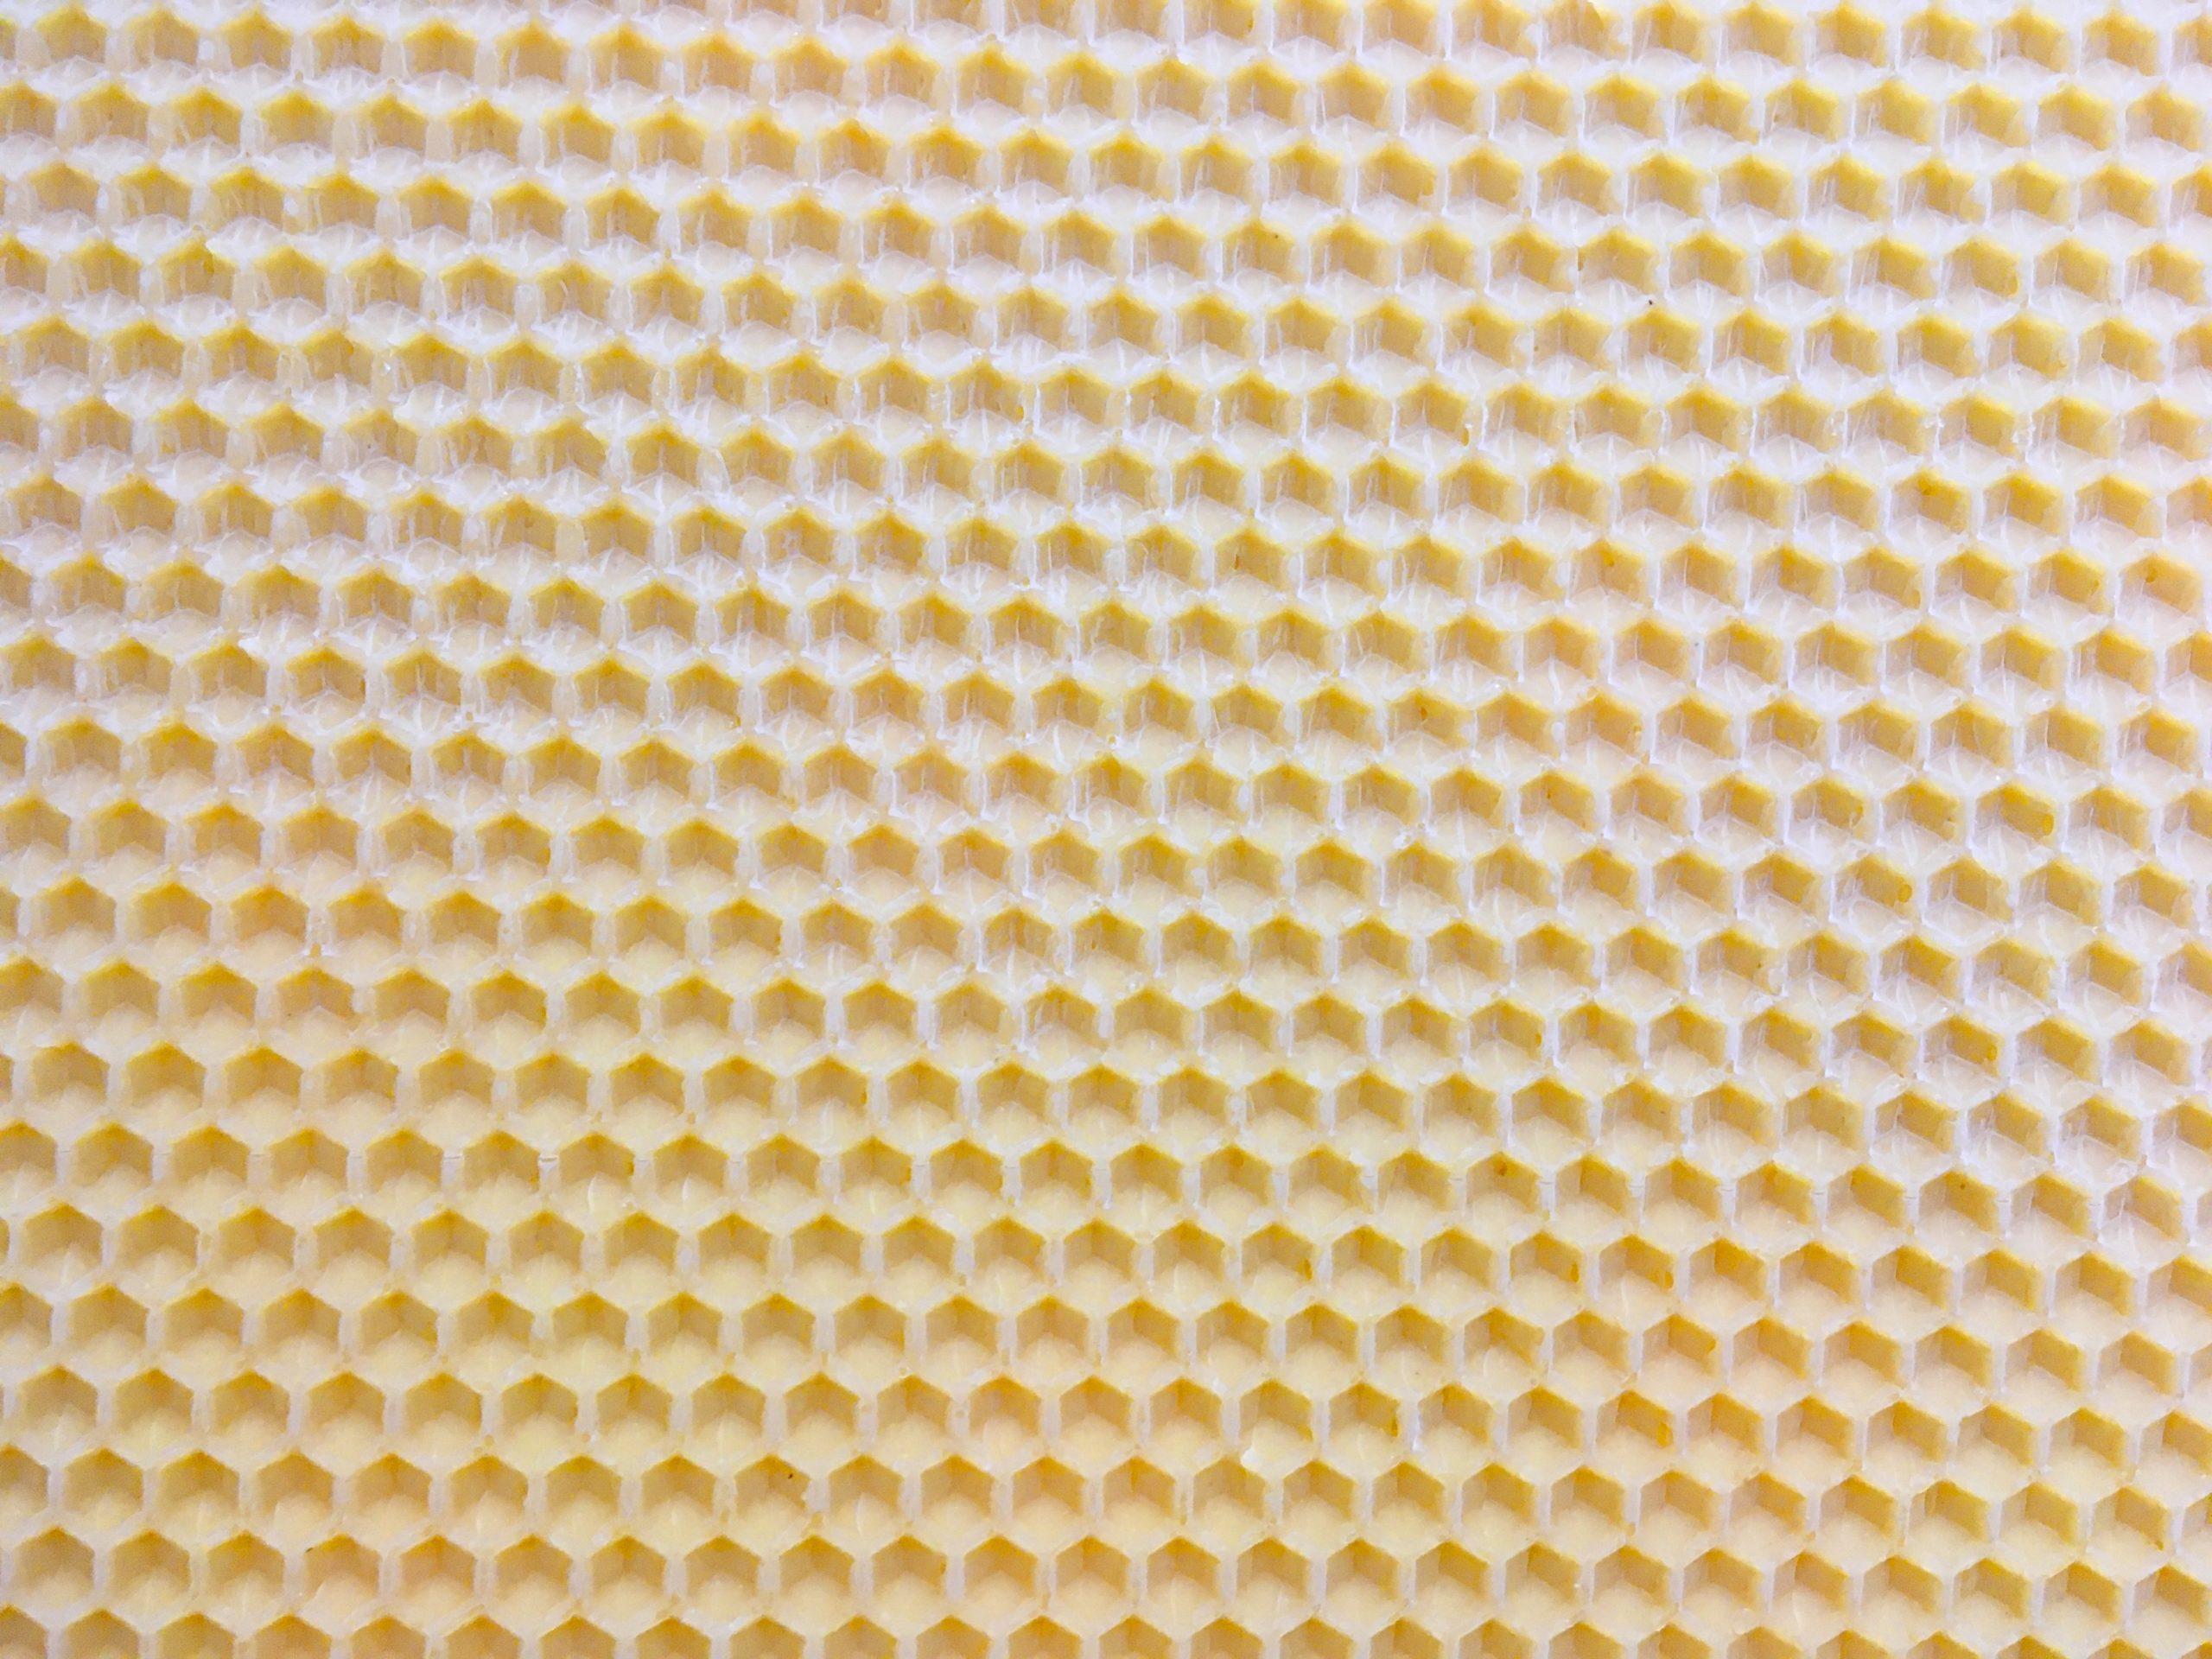 311. Bienenwachs